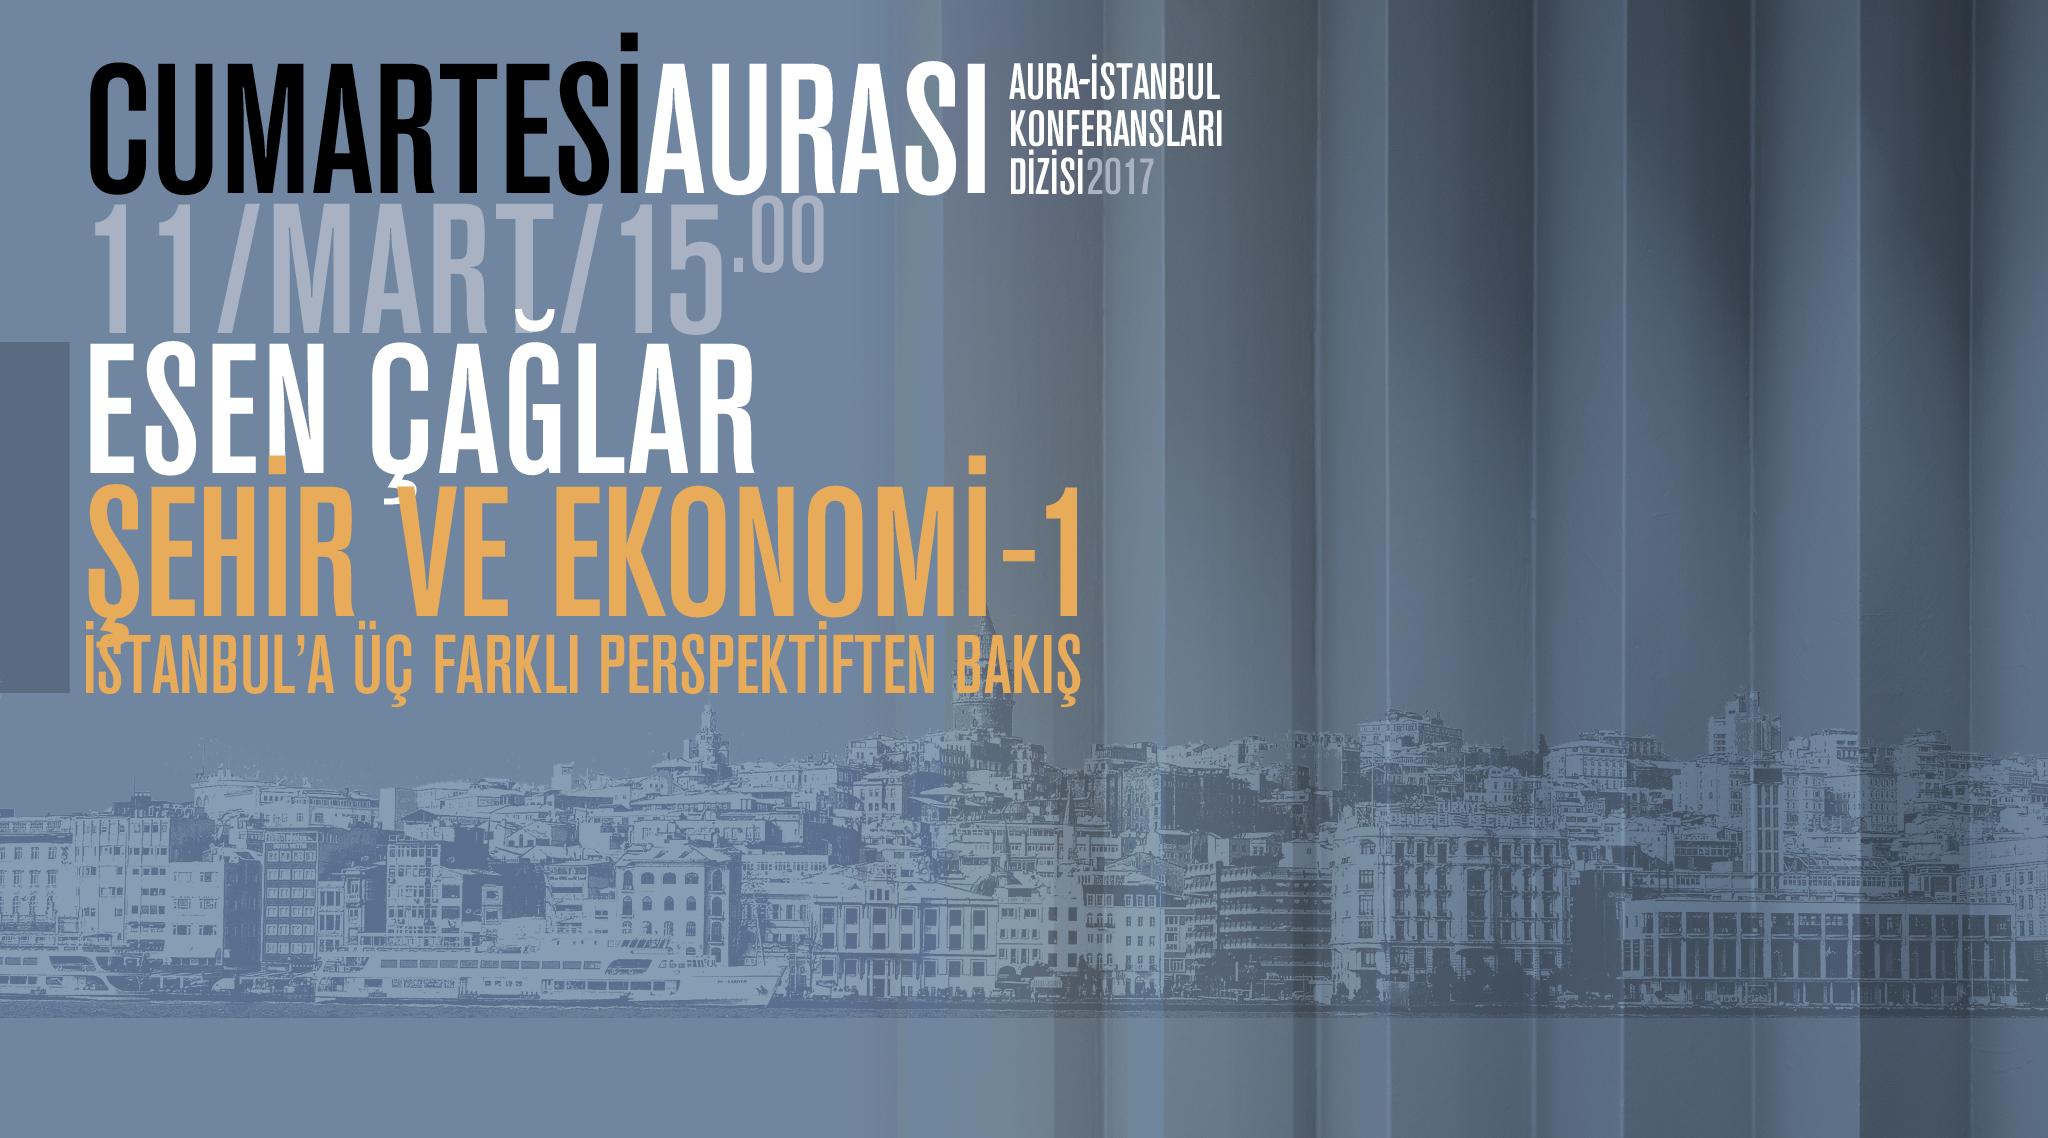 """Cumartesi Aurası: Esen Çağlar """"Şehir ve Ekonomi 1"""""""